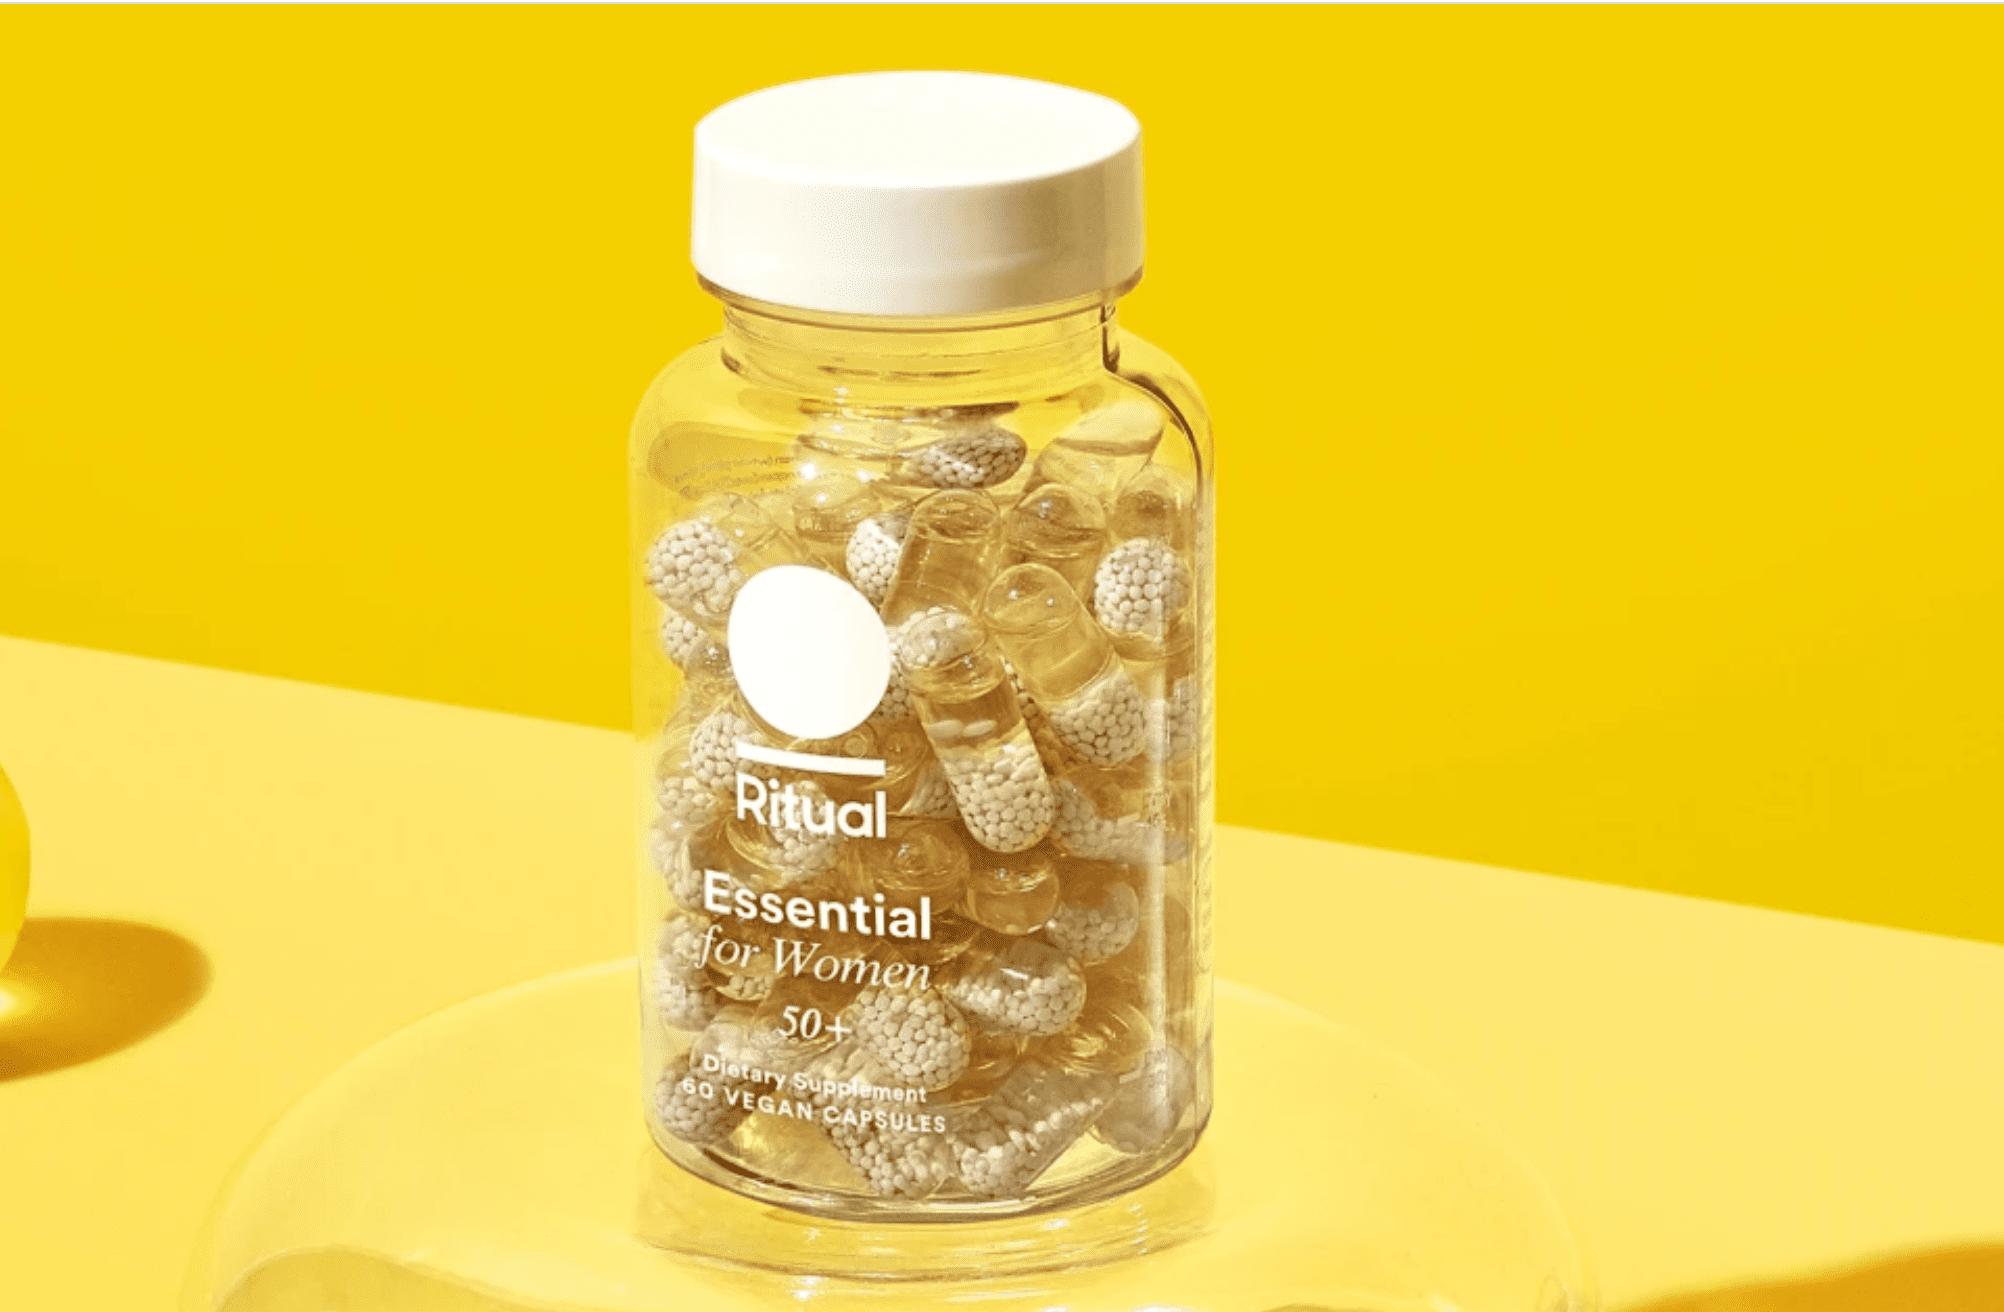 ritual-essential-multivitamin-for-women-over-50